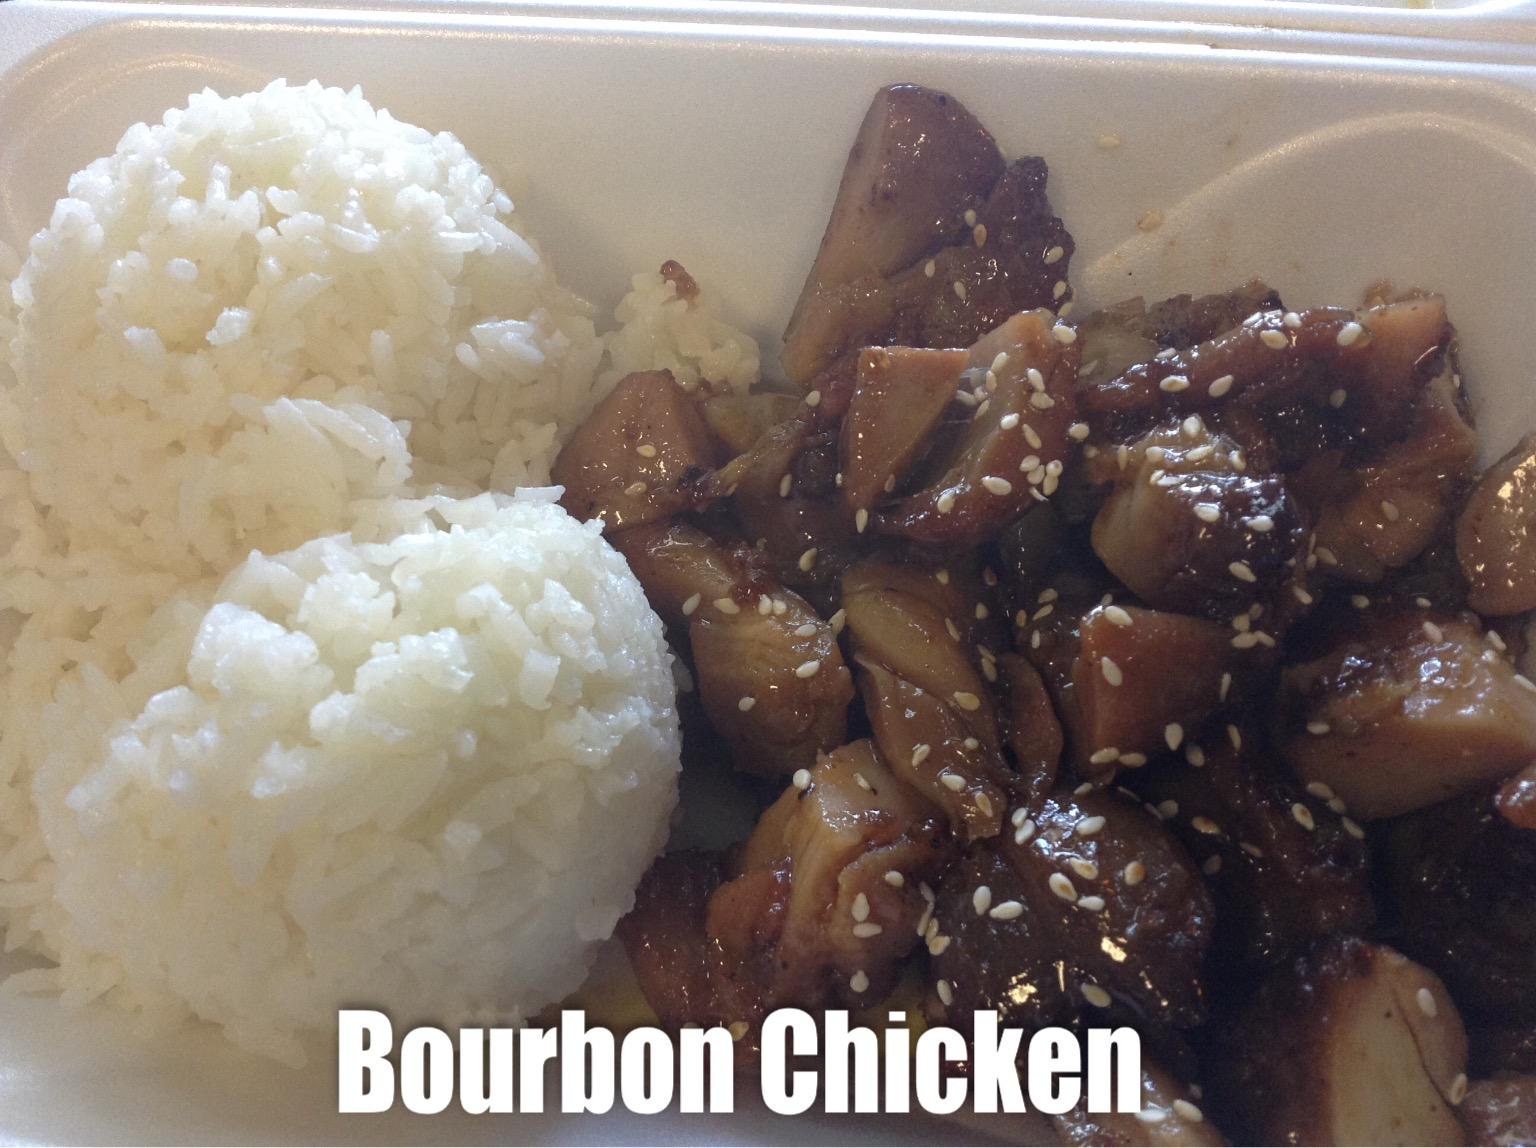 Bourbon Chicken Image